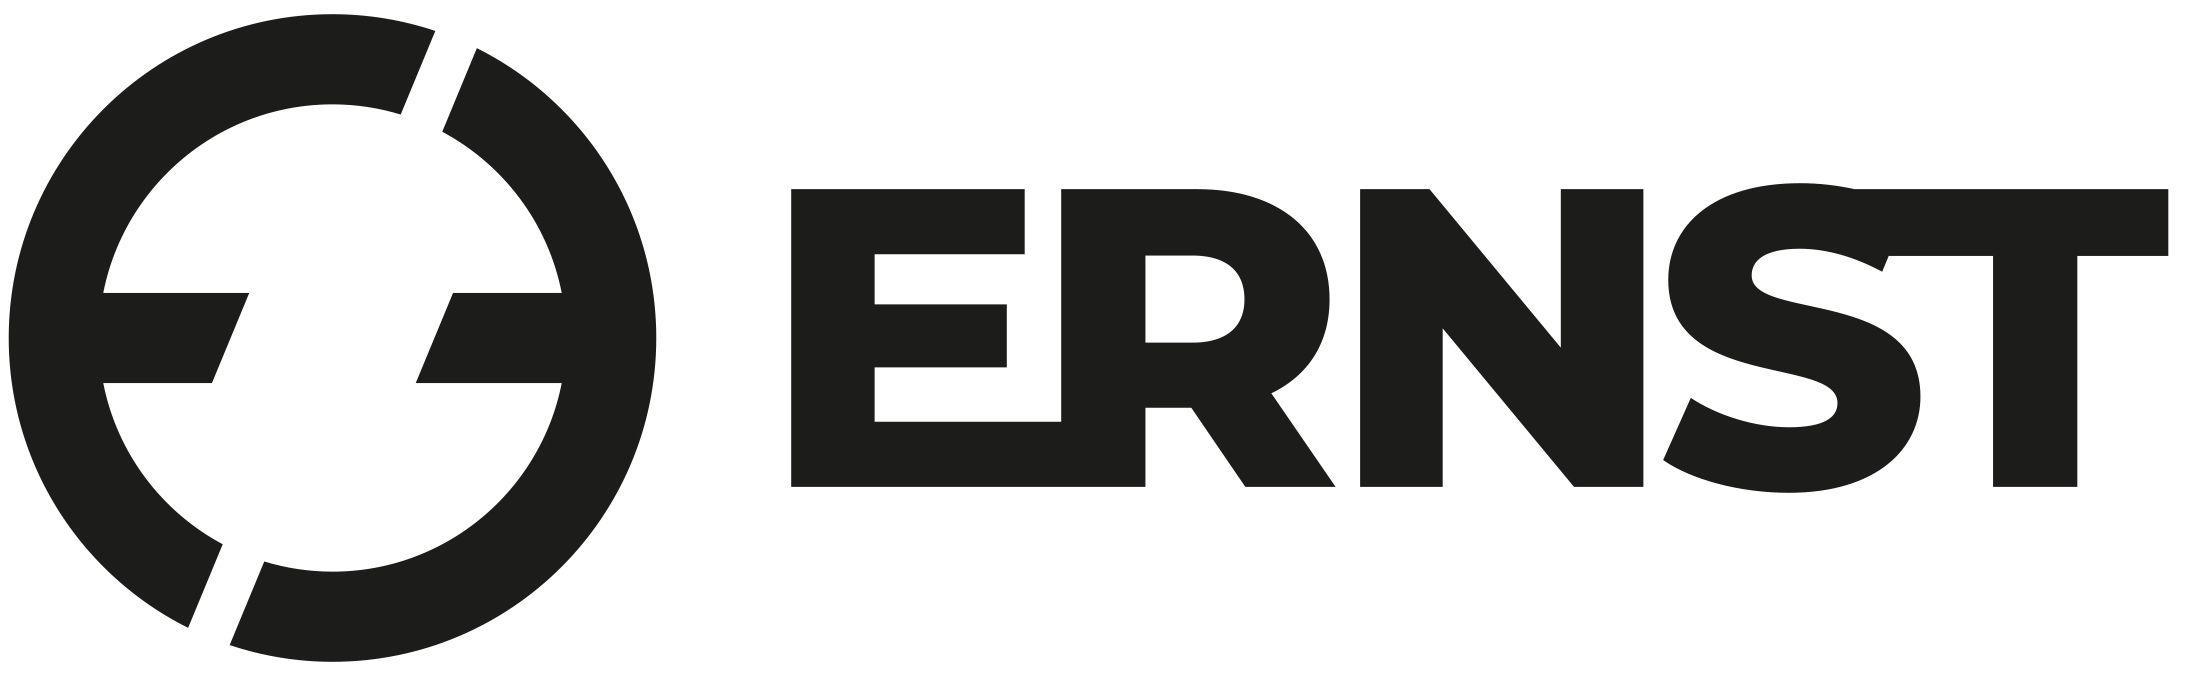 Wort-/Bildmarke: EE ERNST